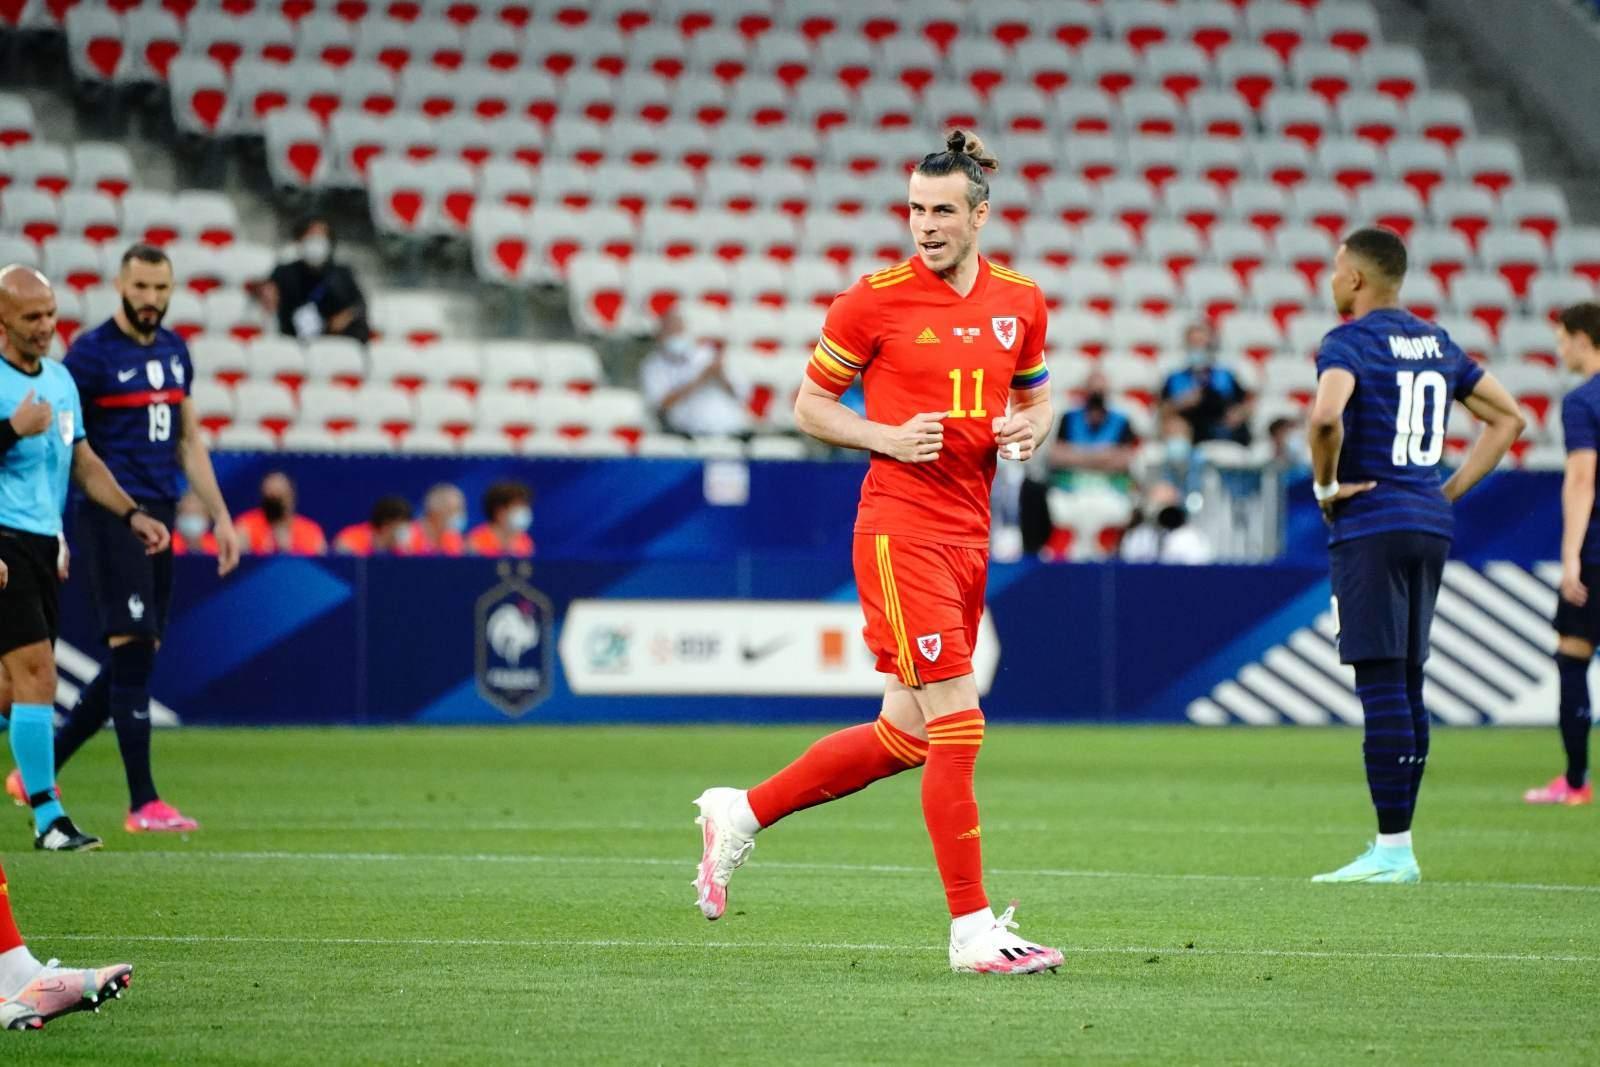 Бэйл не огорчён, что промазал с пенальти в игре с Турцией